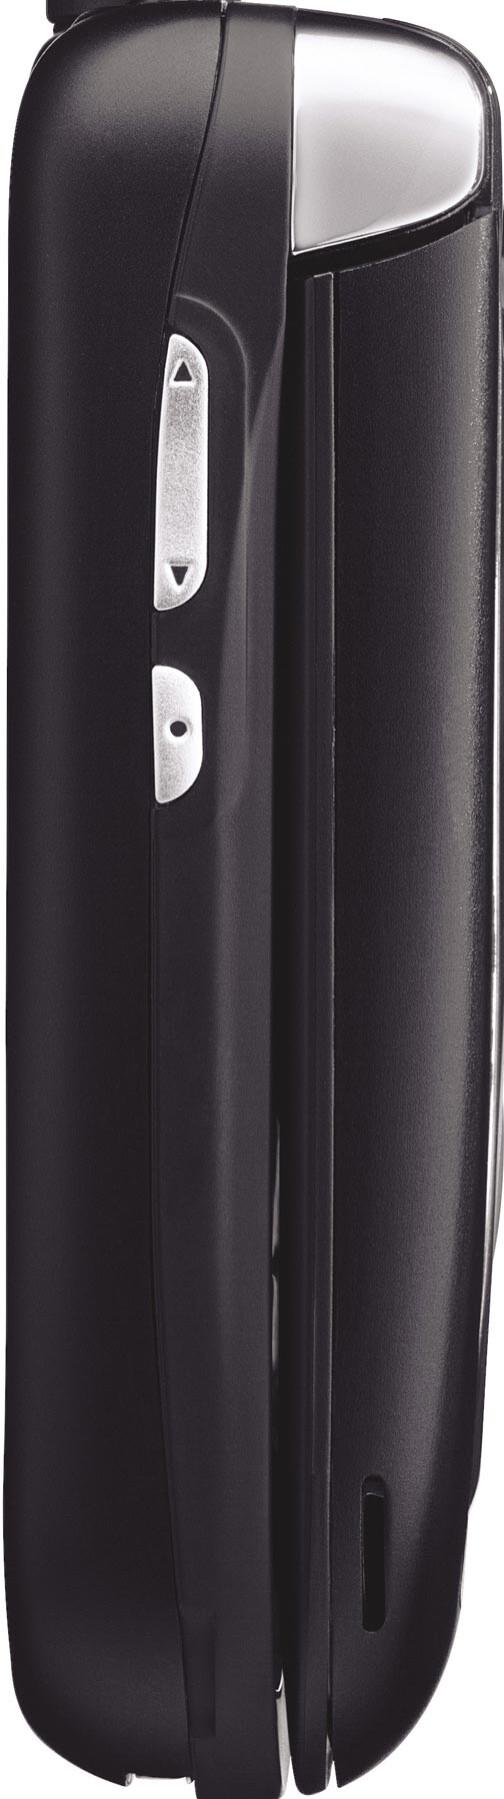 Motorola V620